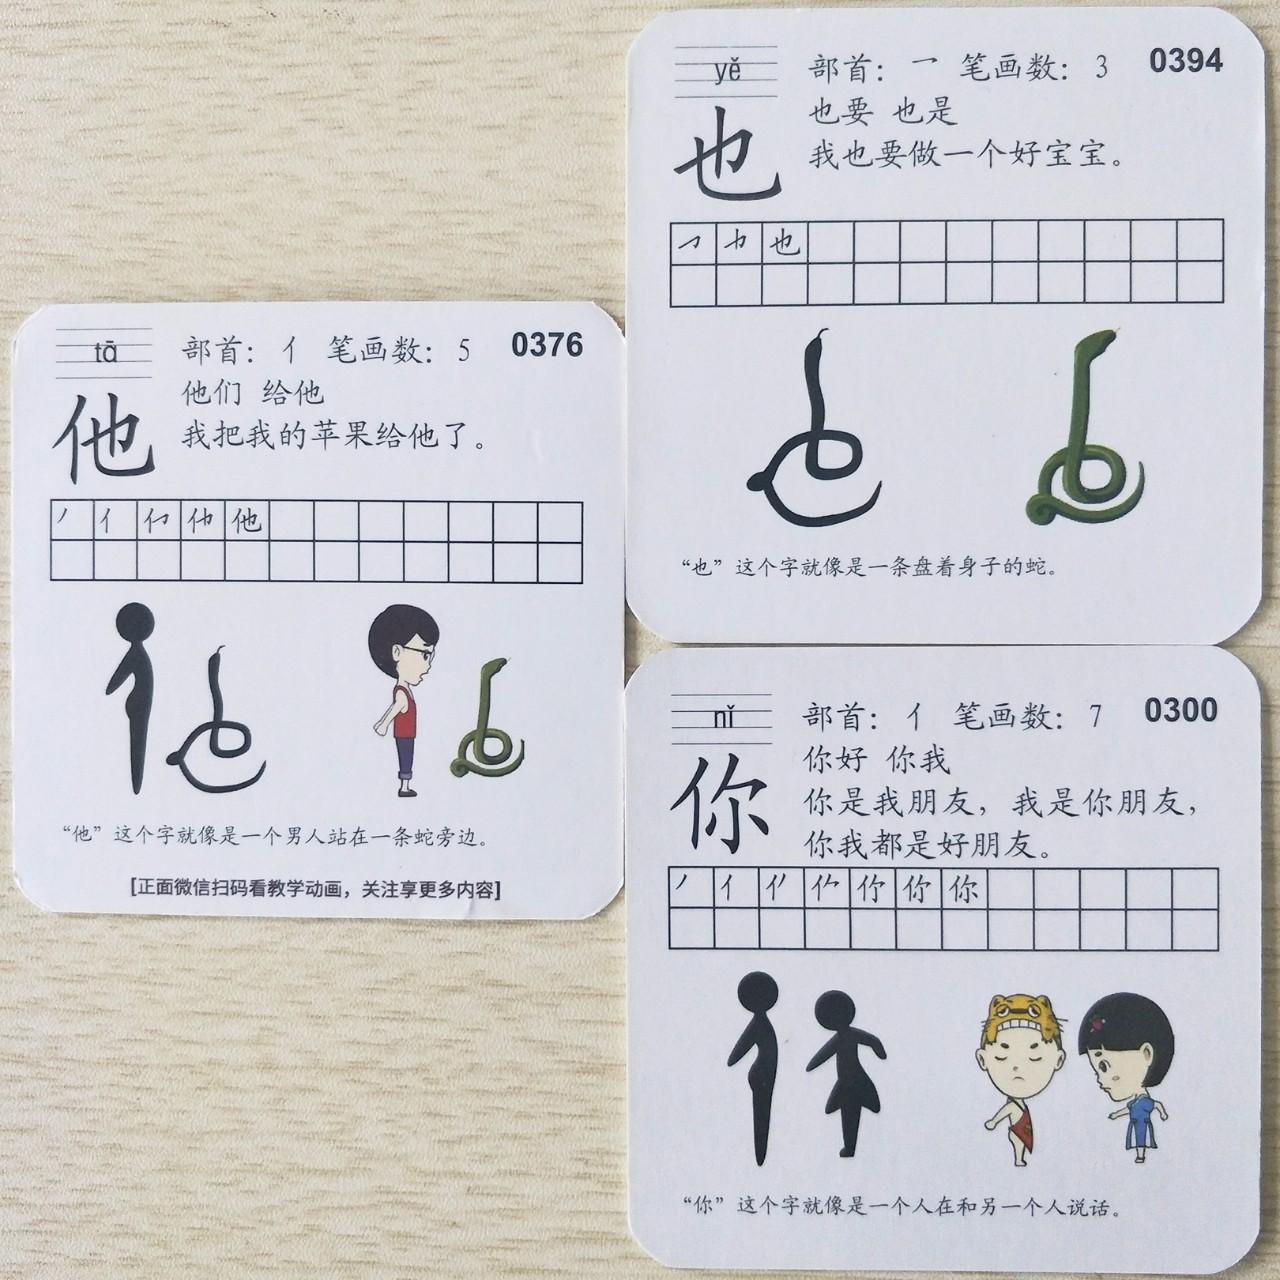 千字岛阶梯想象识字法.jpg